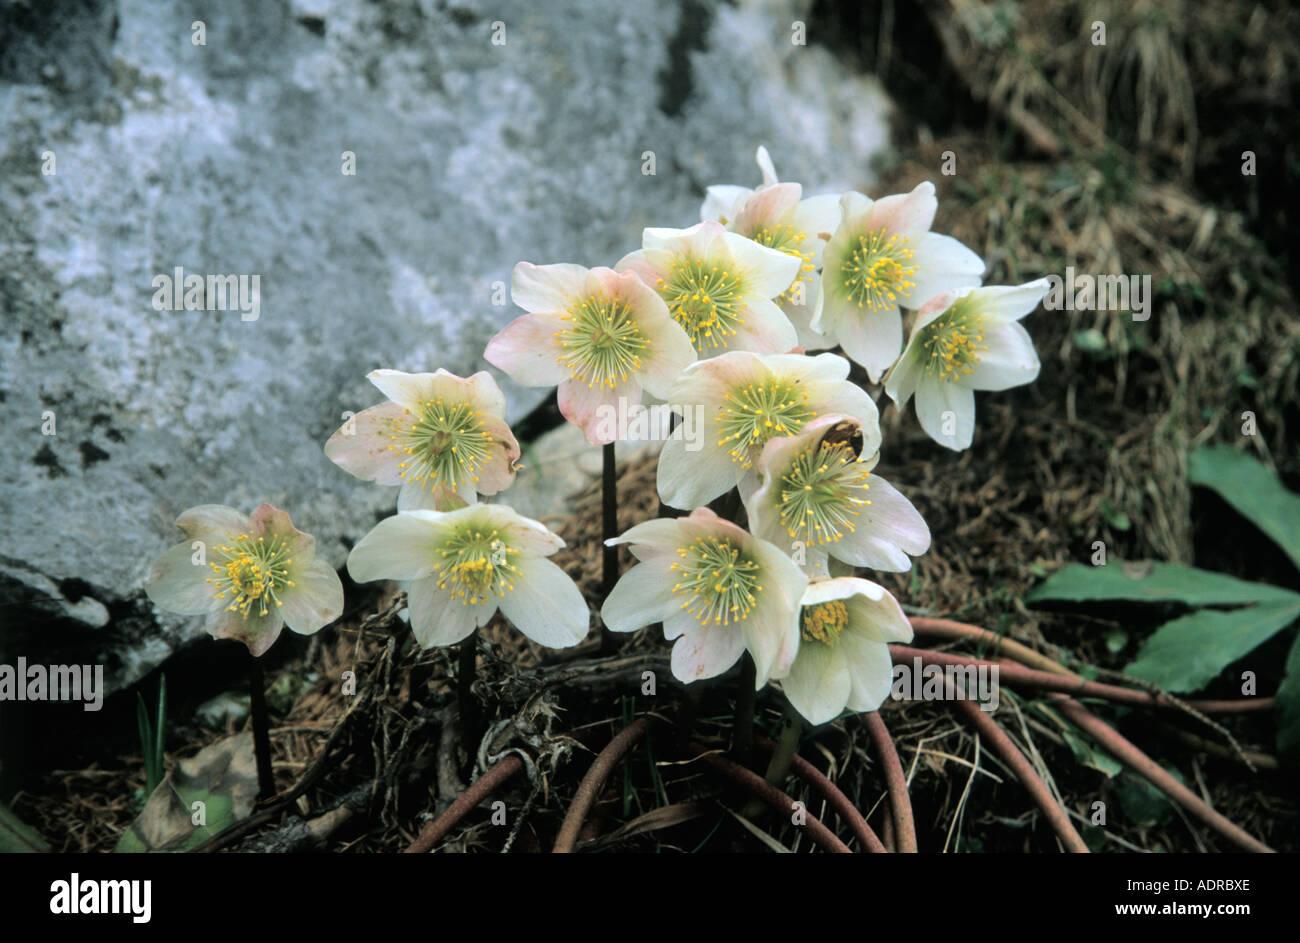 Snow Roses Helleborus Niger Nieswurz Weihnachten stieg Schneerose ...